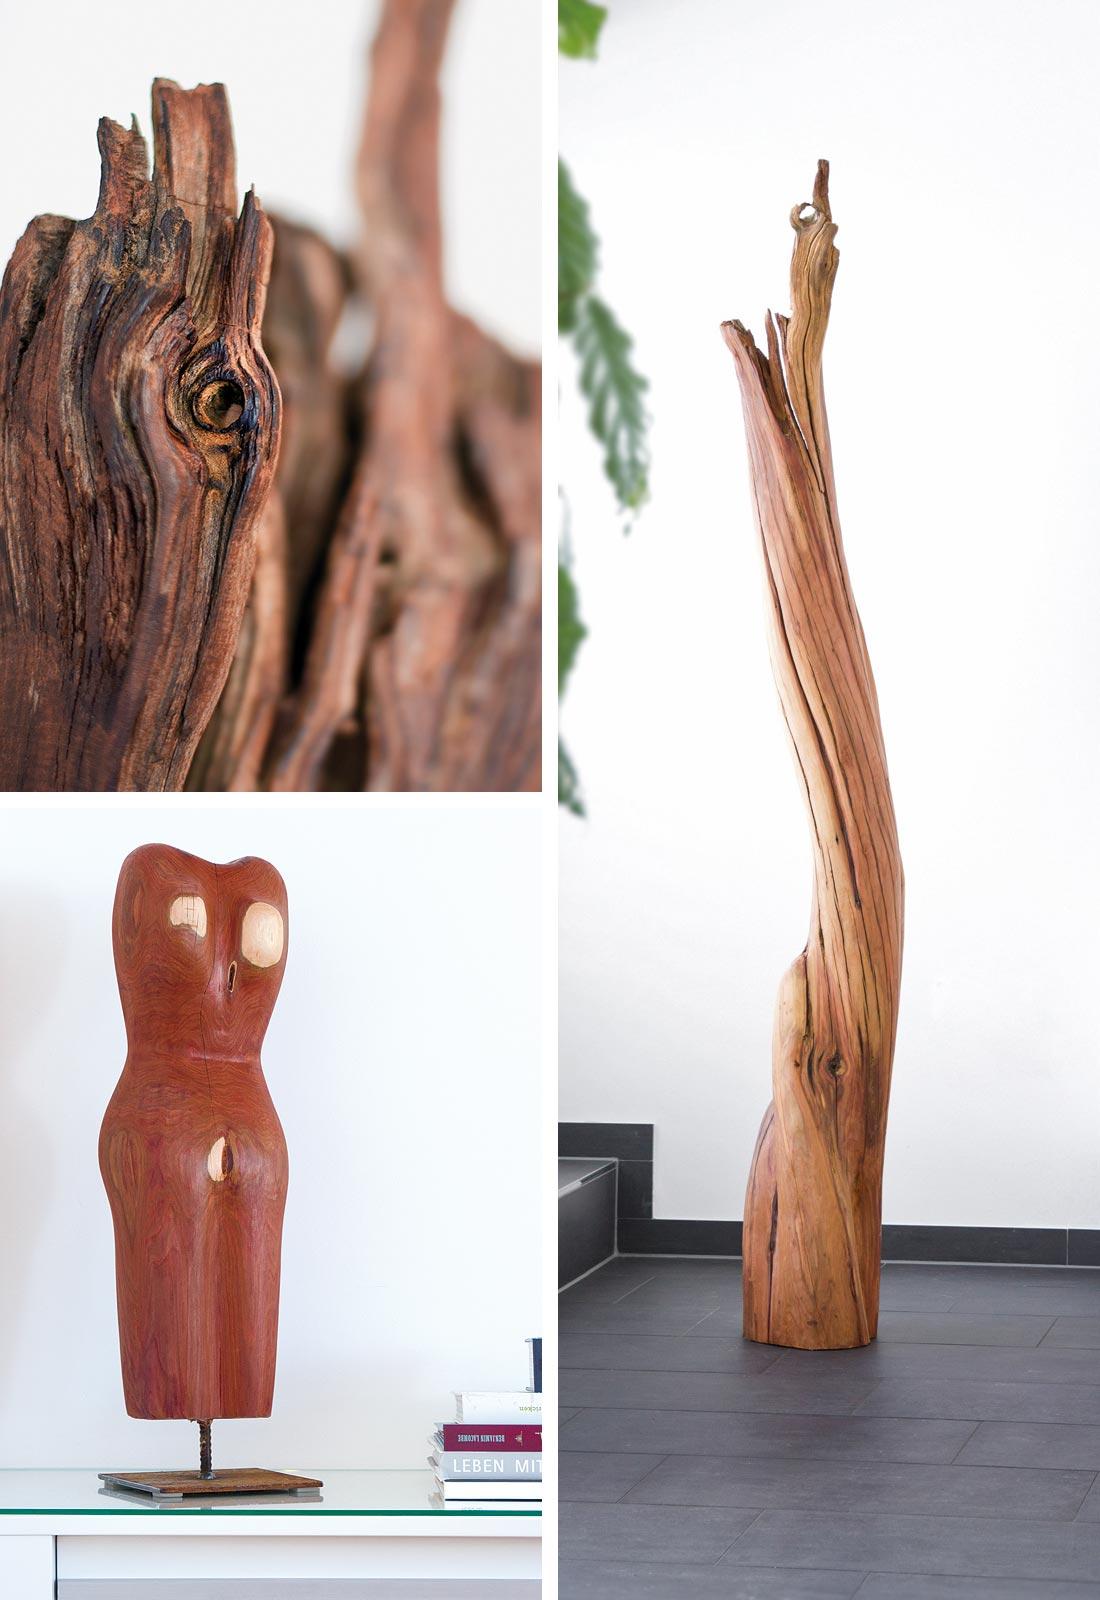 Fotografie von Holz-Skulpturen